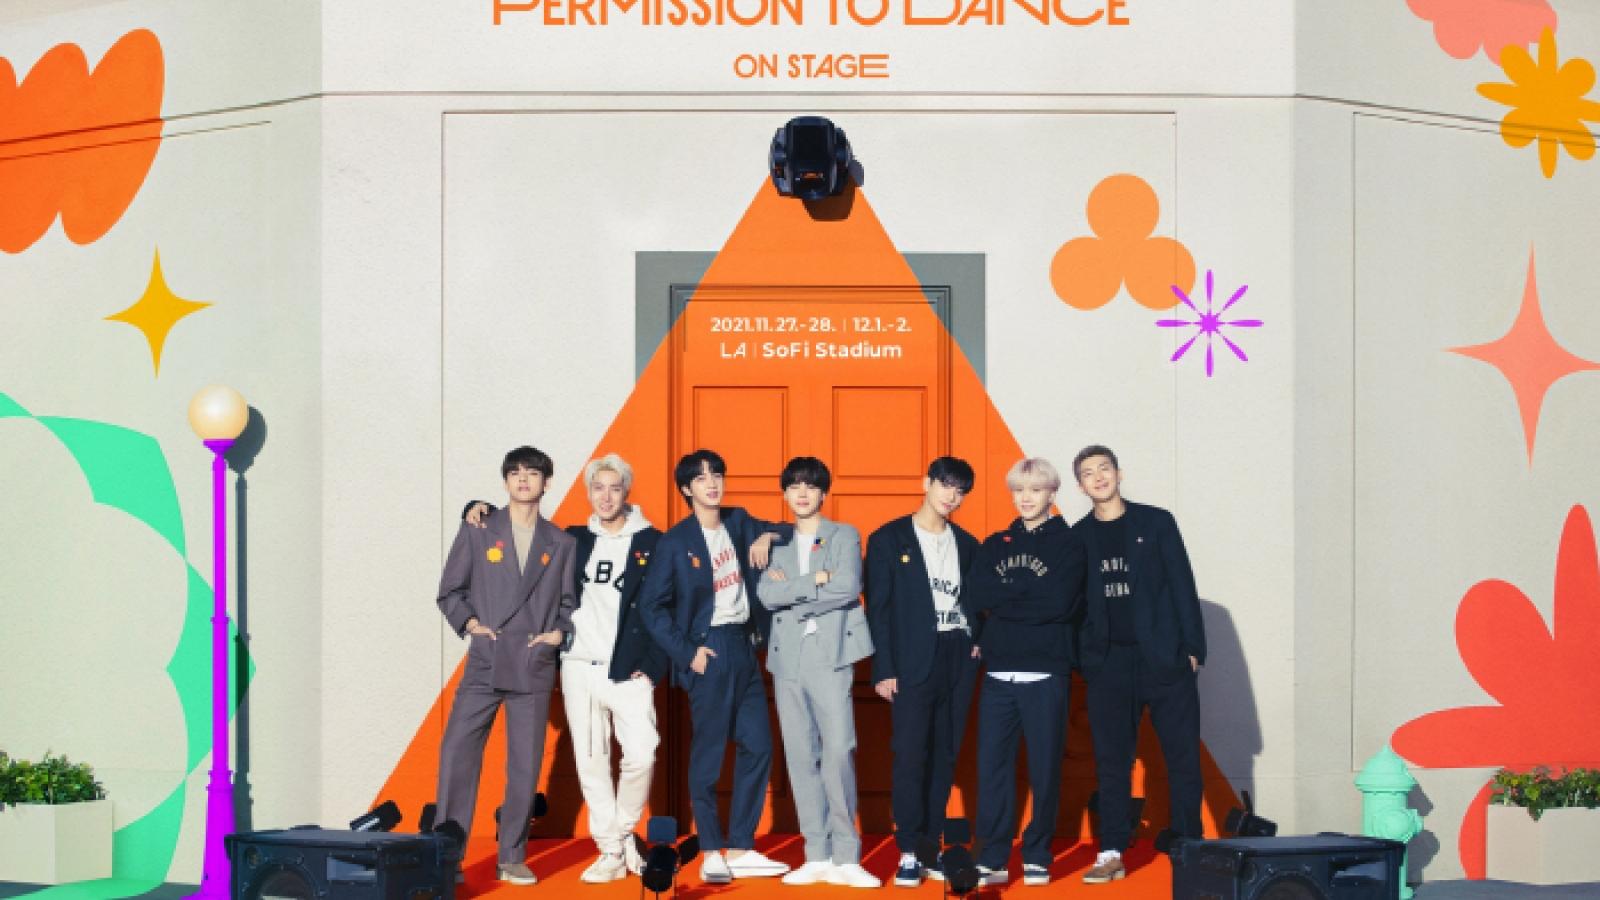 BTS tổ chức concert có khán giả đầu tiên sau 2 năm hoãn vì Covid-19